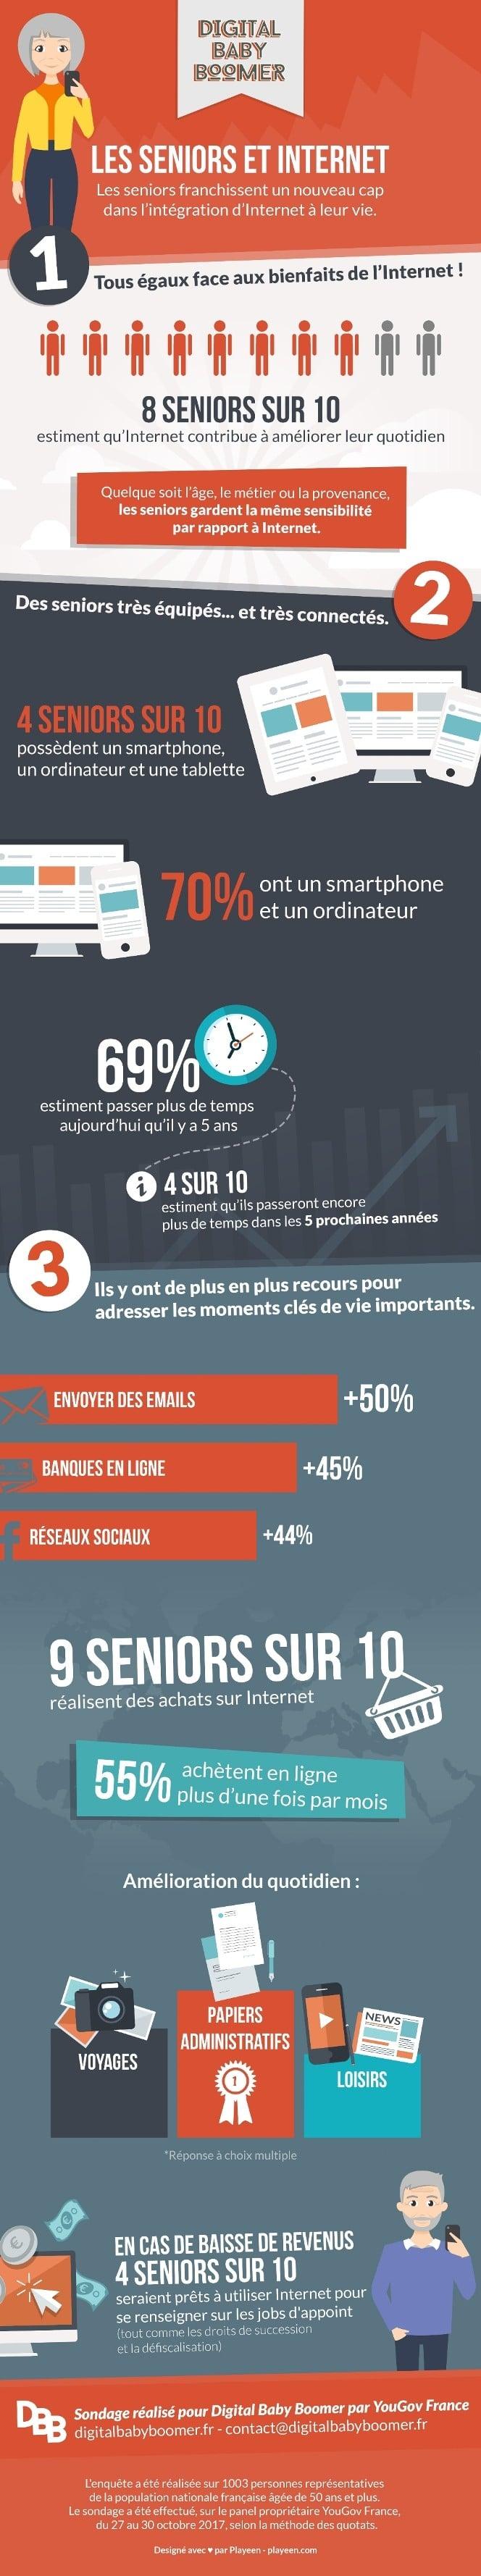 Infographie : sénior et Internet